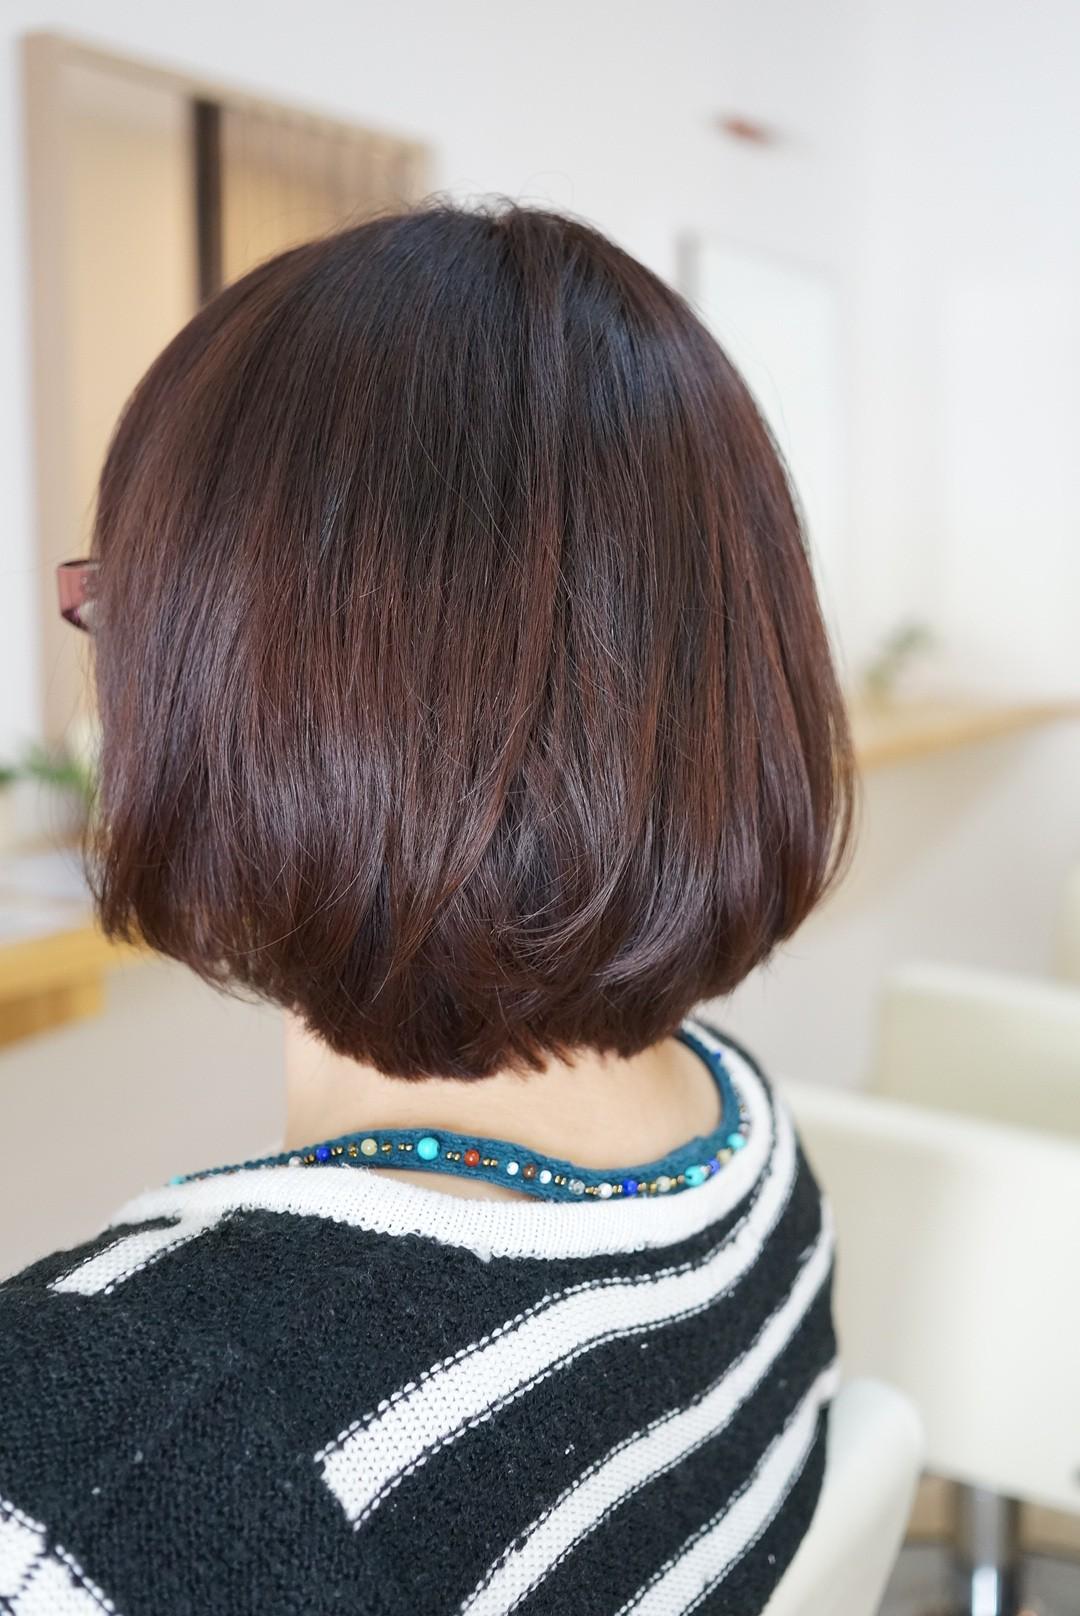 艶の出るヘアカラー【カッパーブラウン】(お客様)